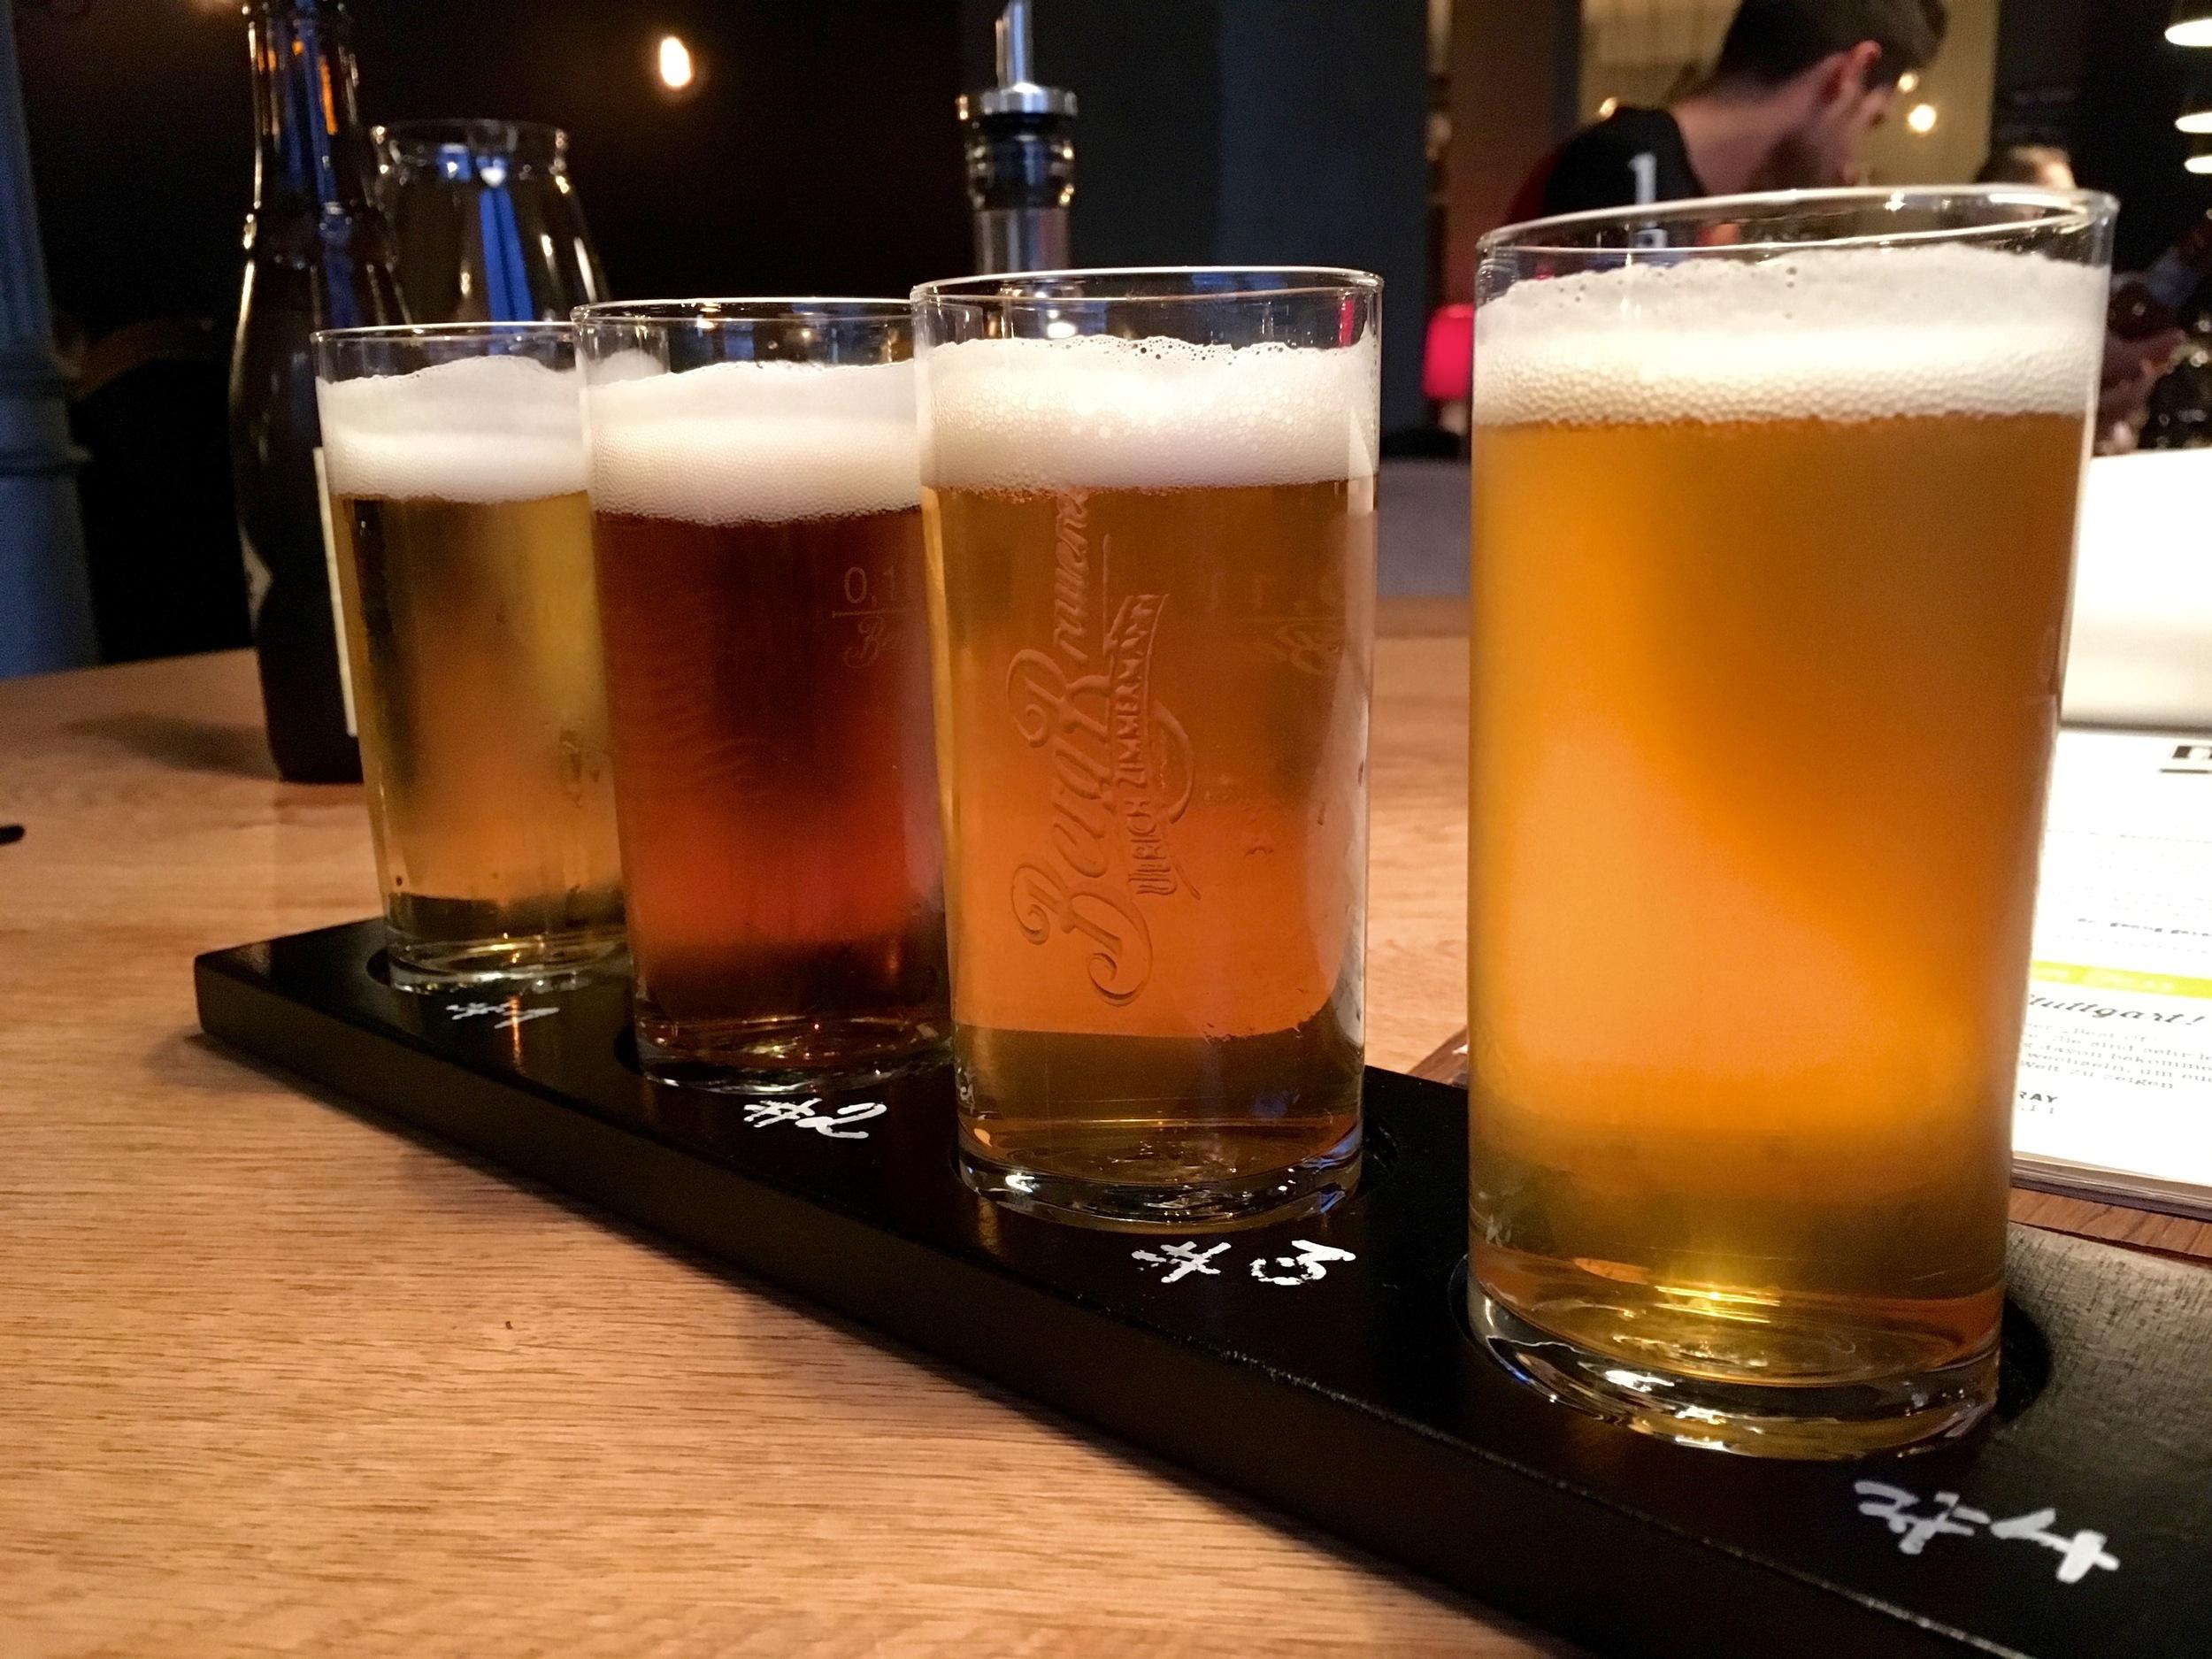 Beer Tasting Tray at 87